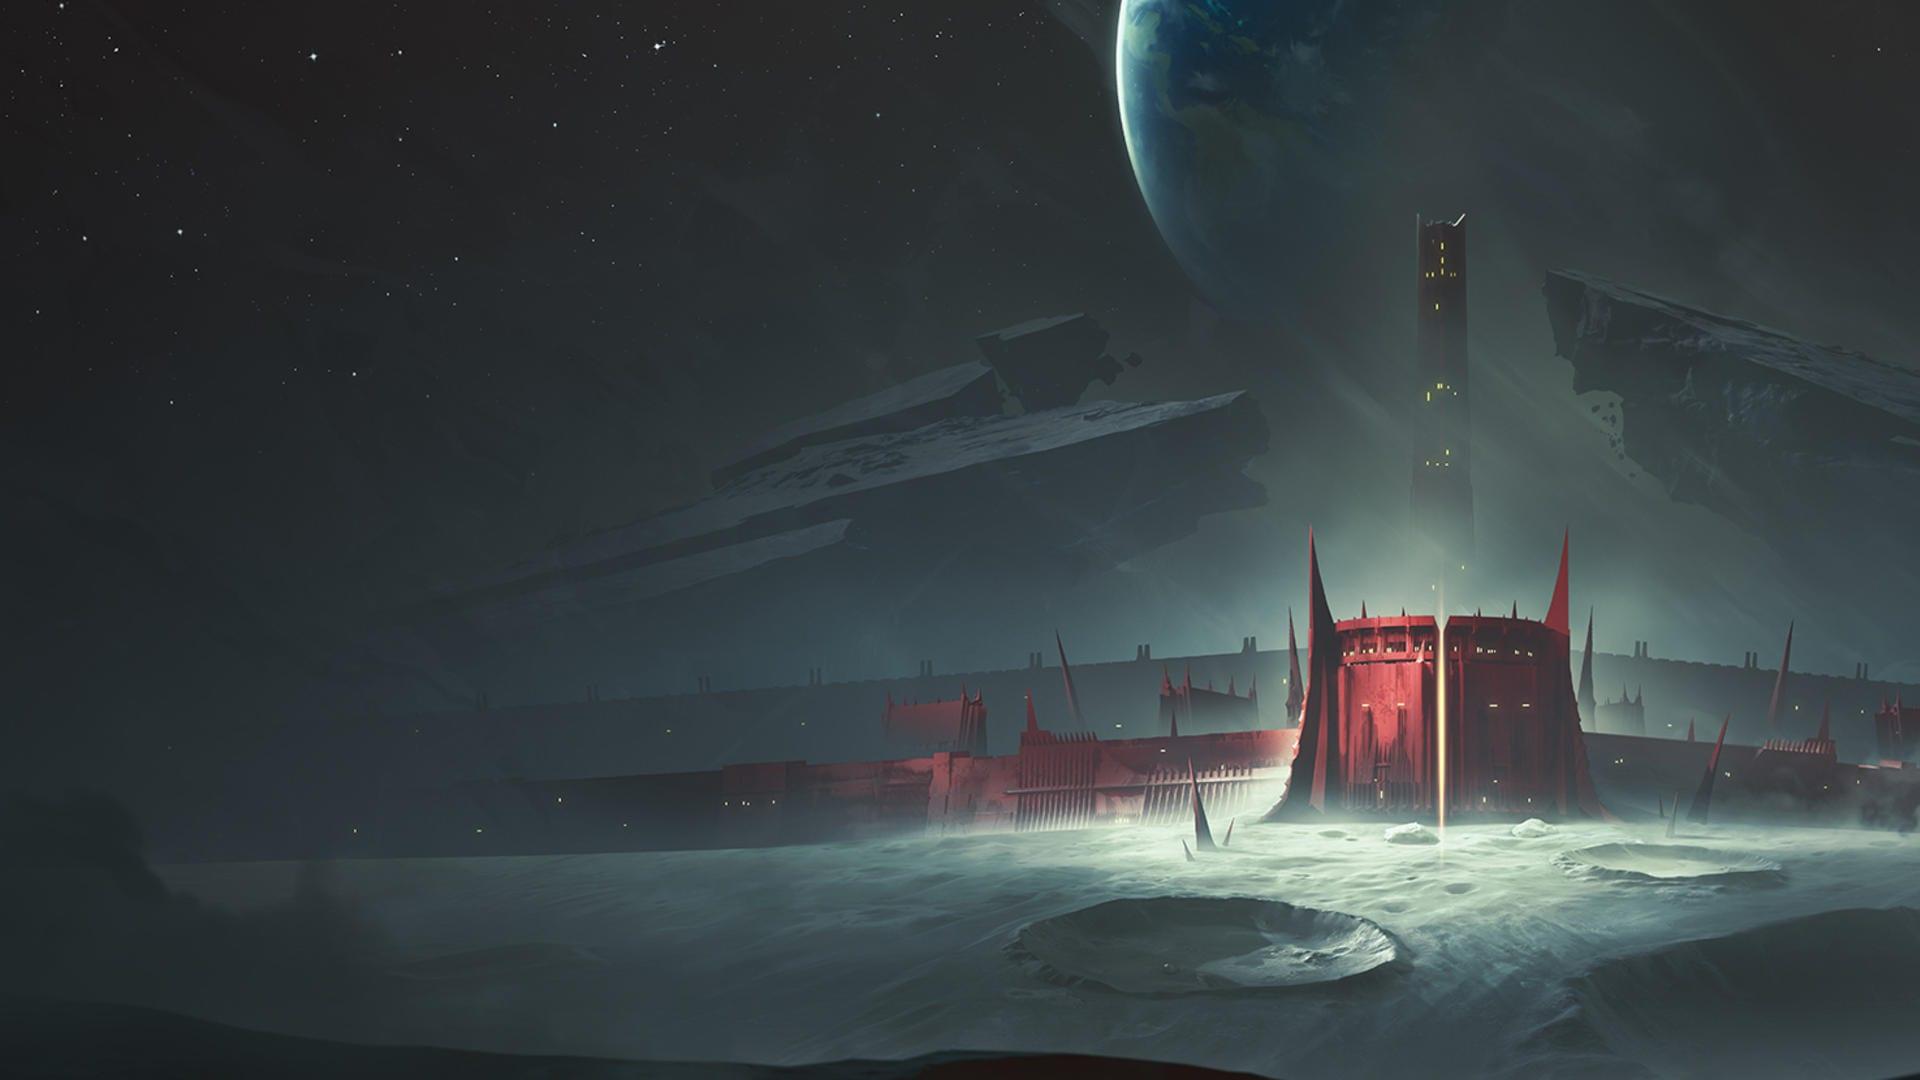 destiny 2, wendigo gl3